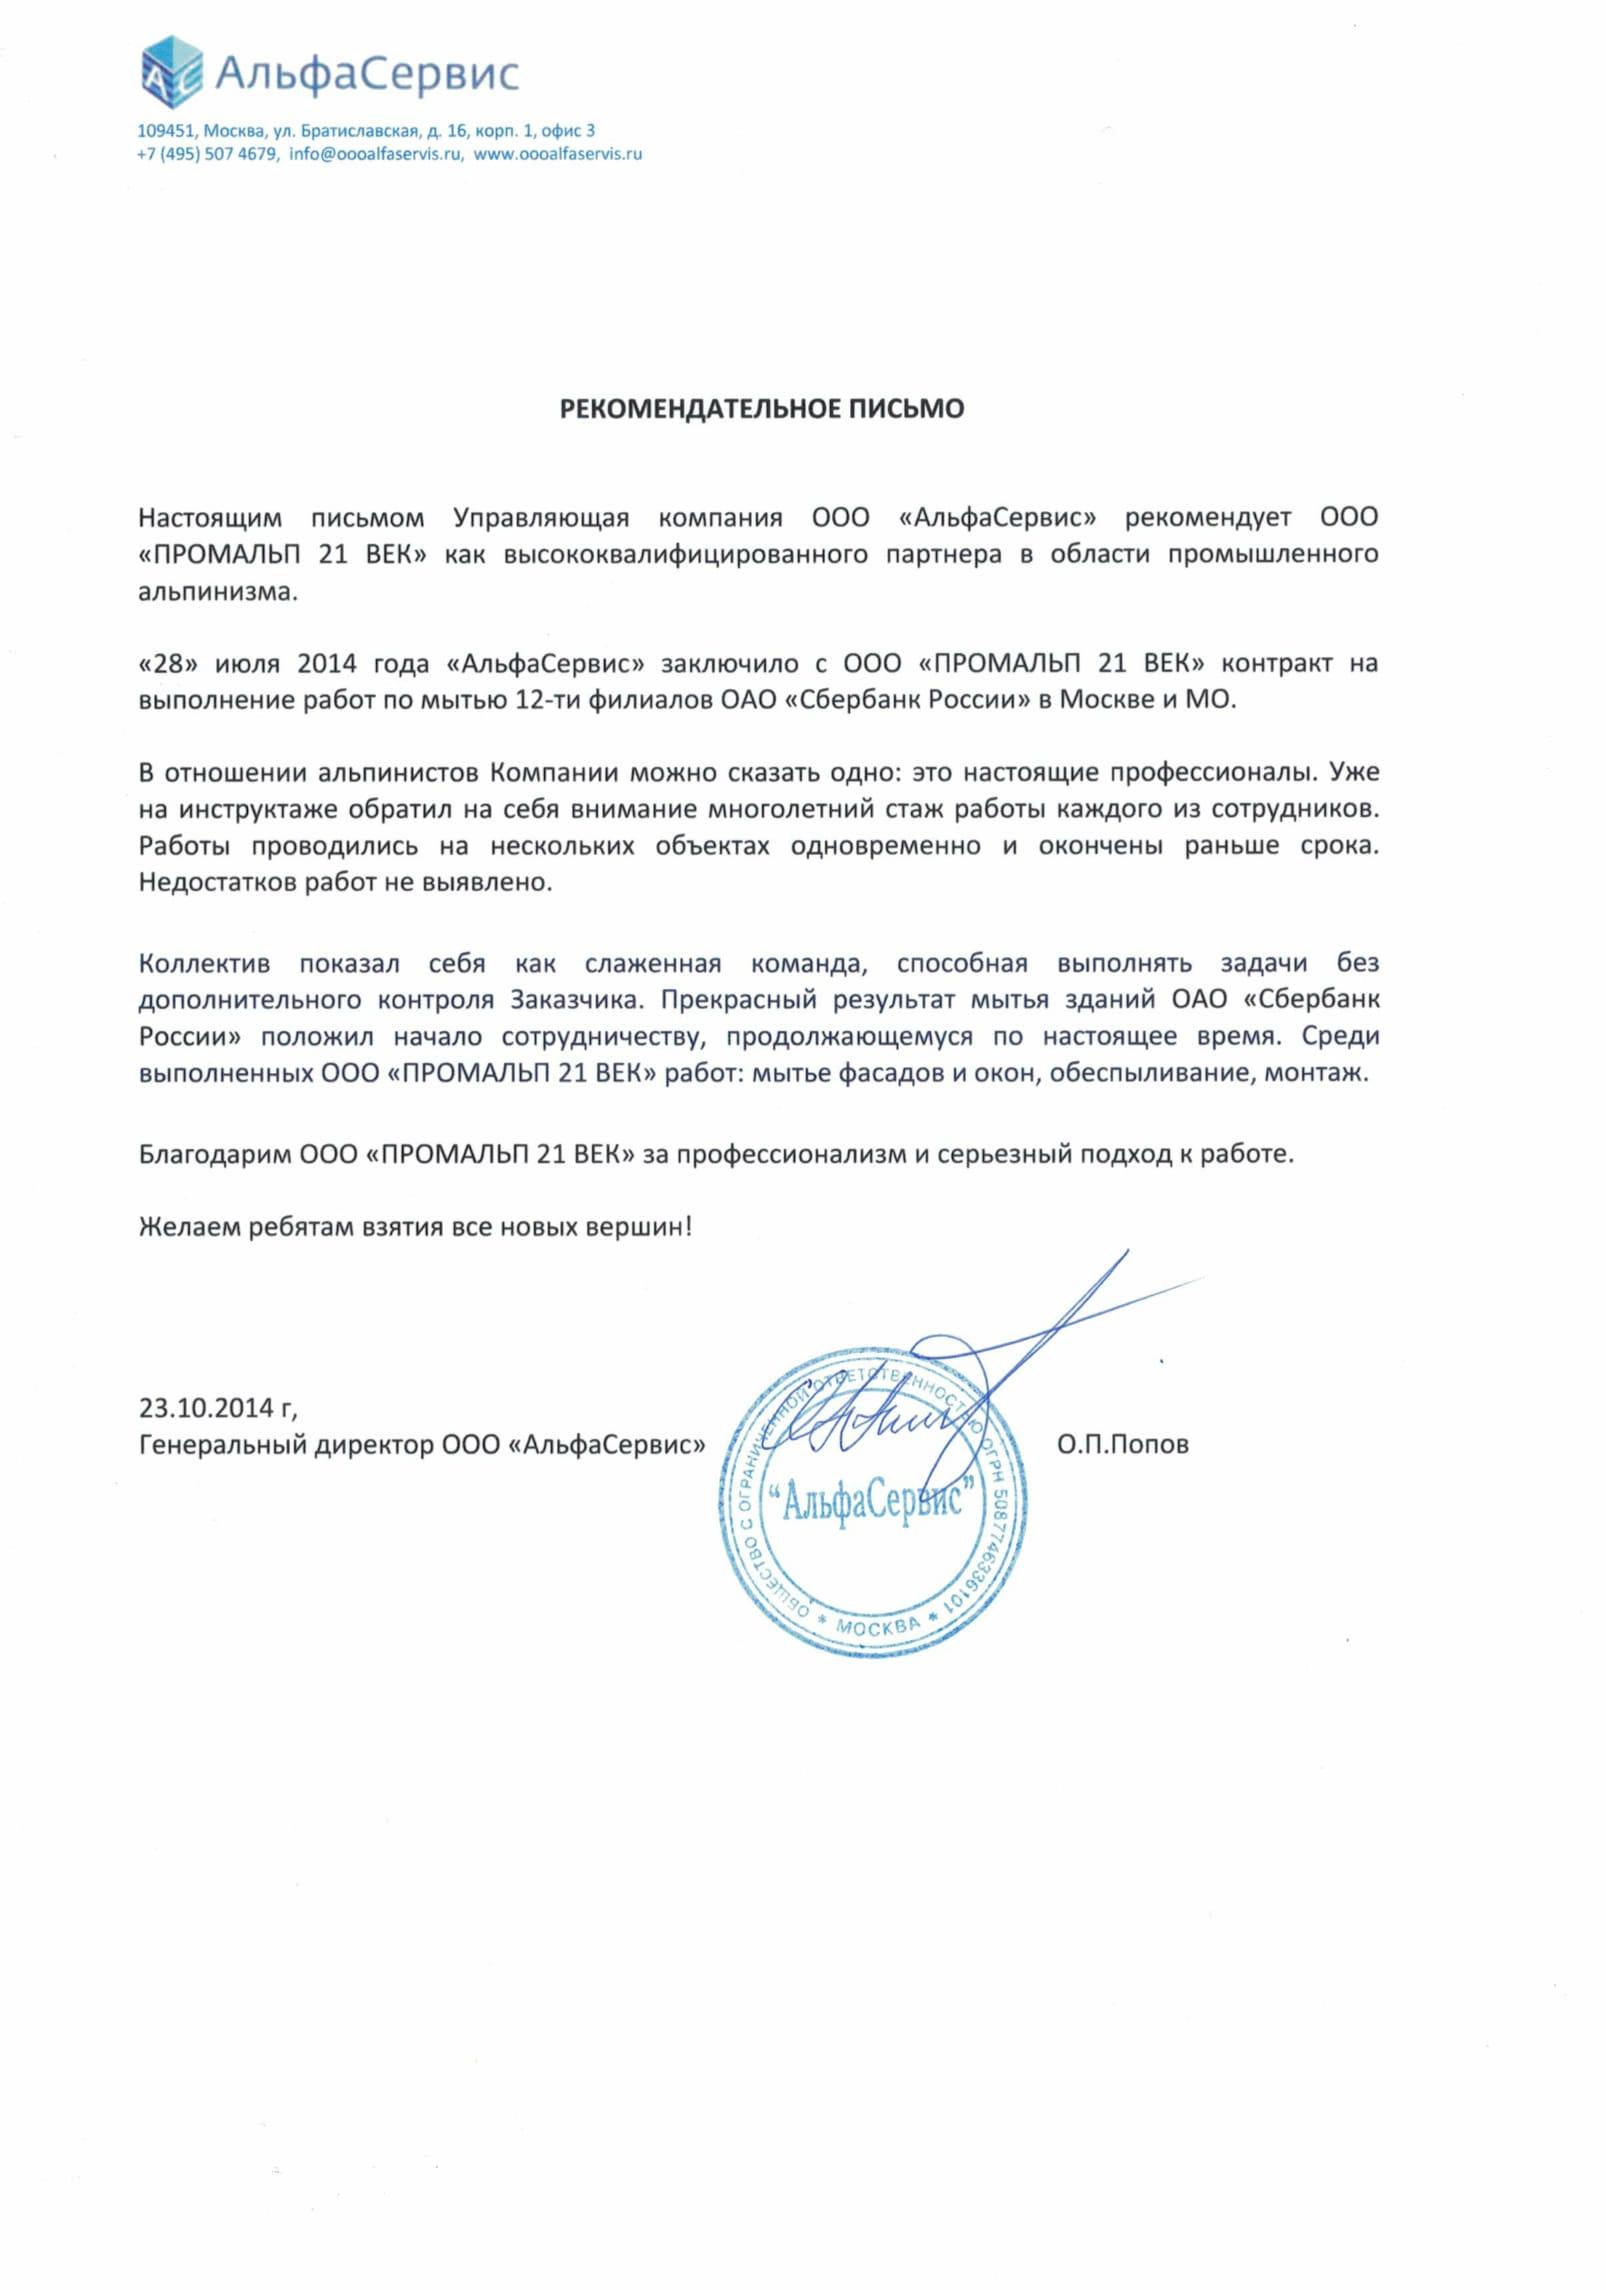 """ООО """"АЛЬФА-СЕРВИС"""" – Рекомендательное письмо"""